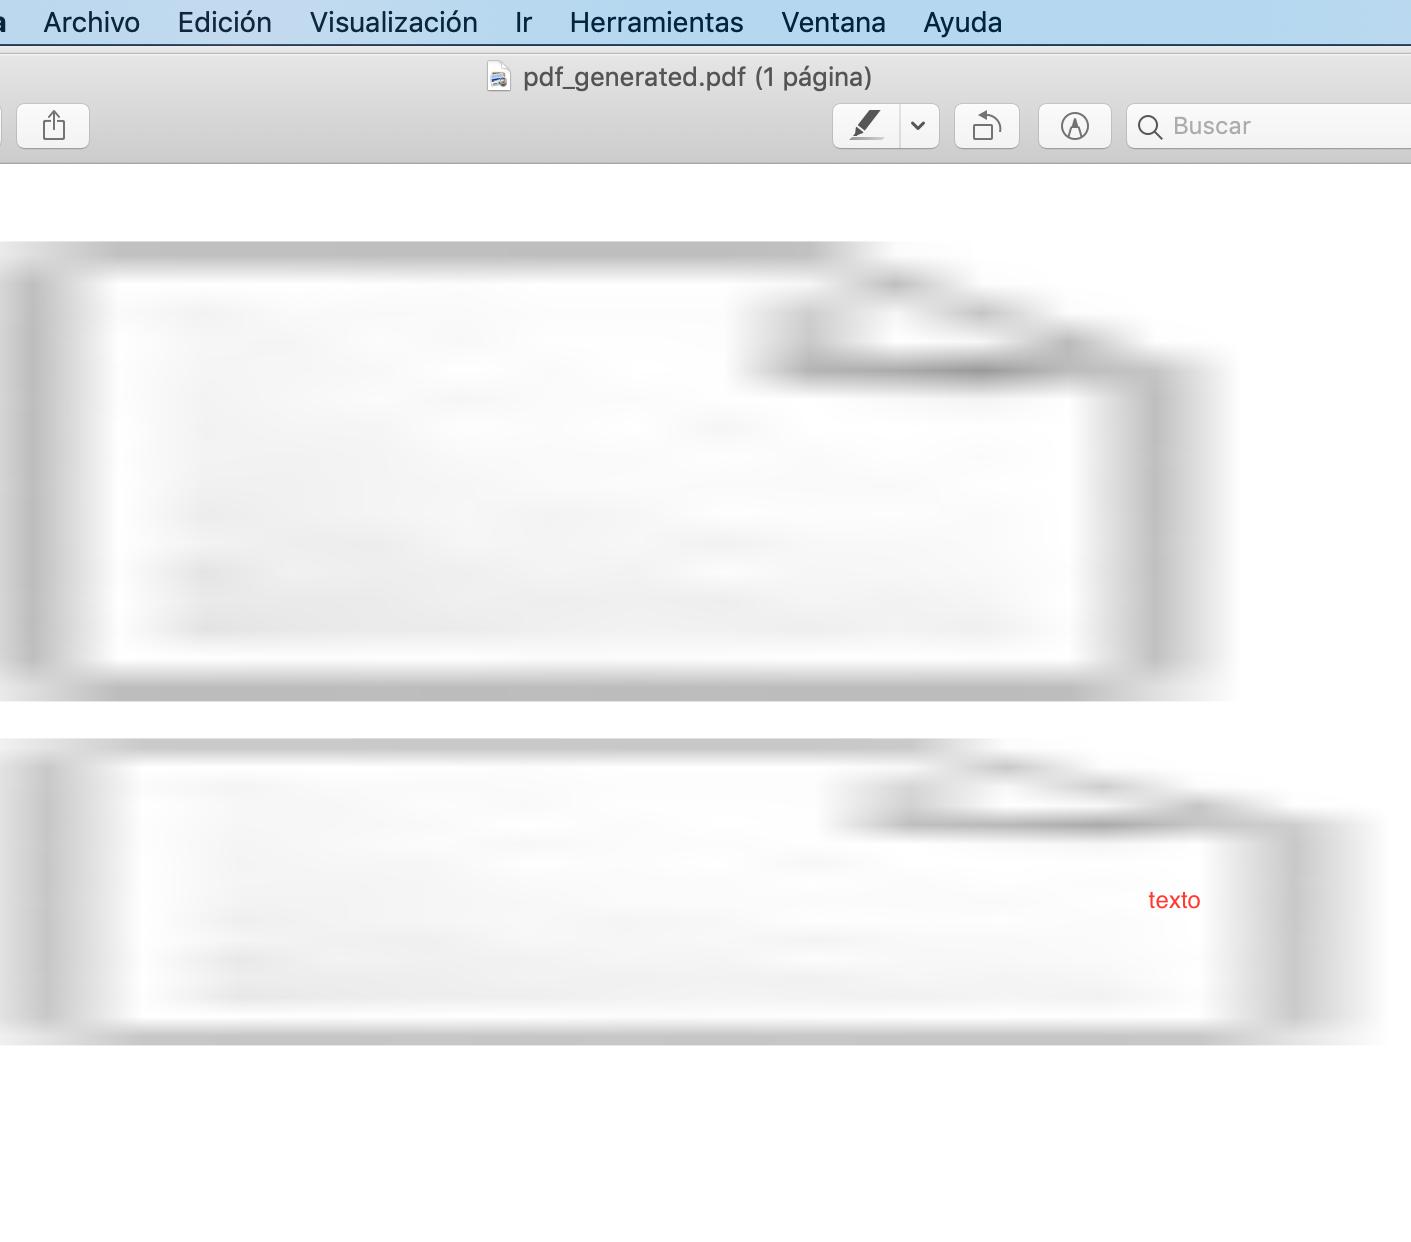 Captura de pantalla 2020-05-28 a las 17.13.20.png